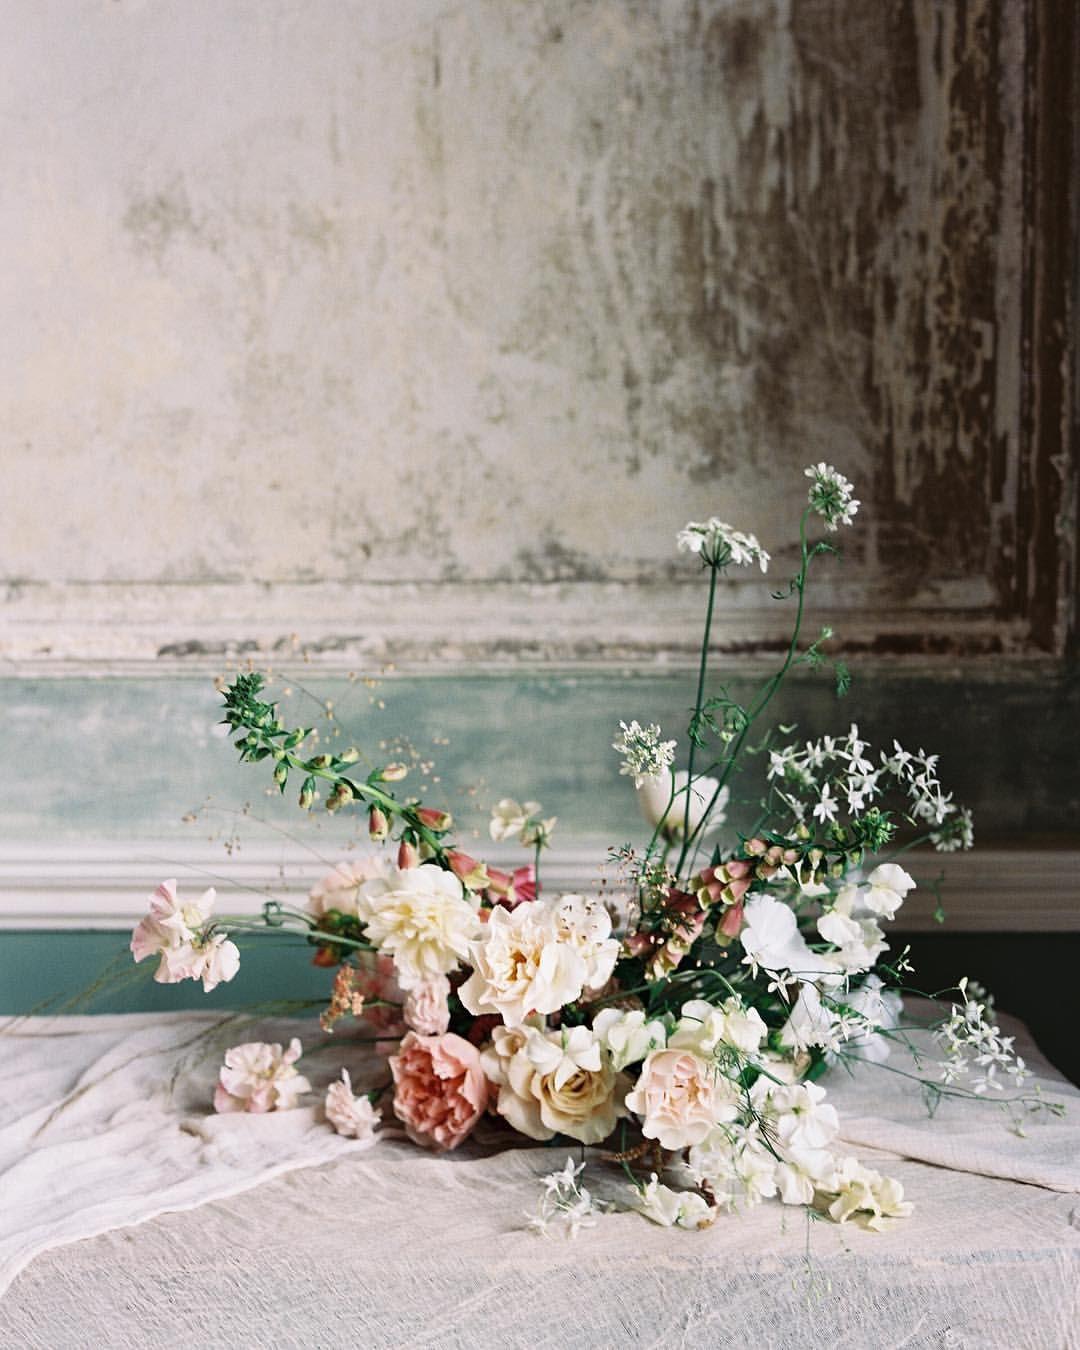 Pin von The Petaler auf Floral Arrangements   Pinterest   Blumen